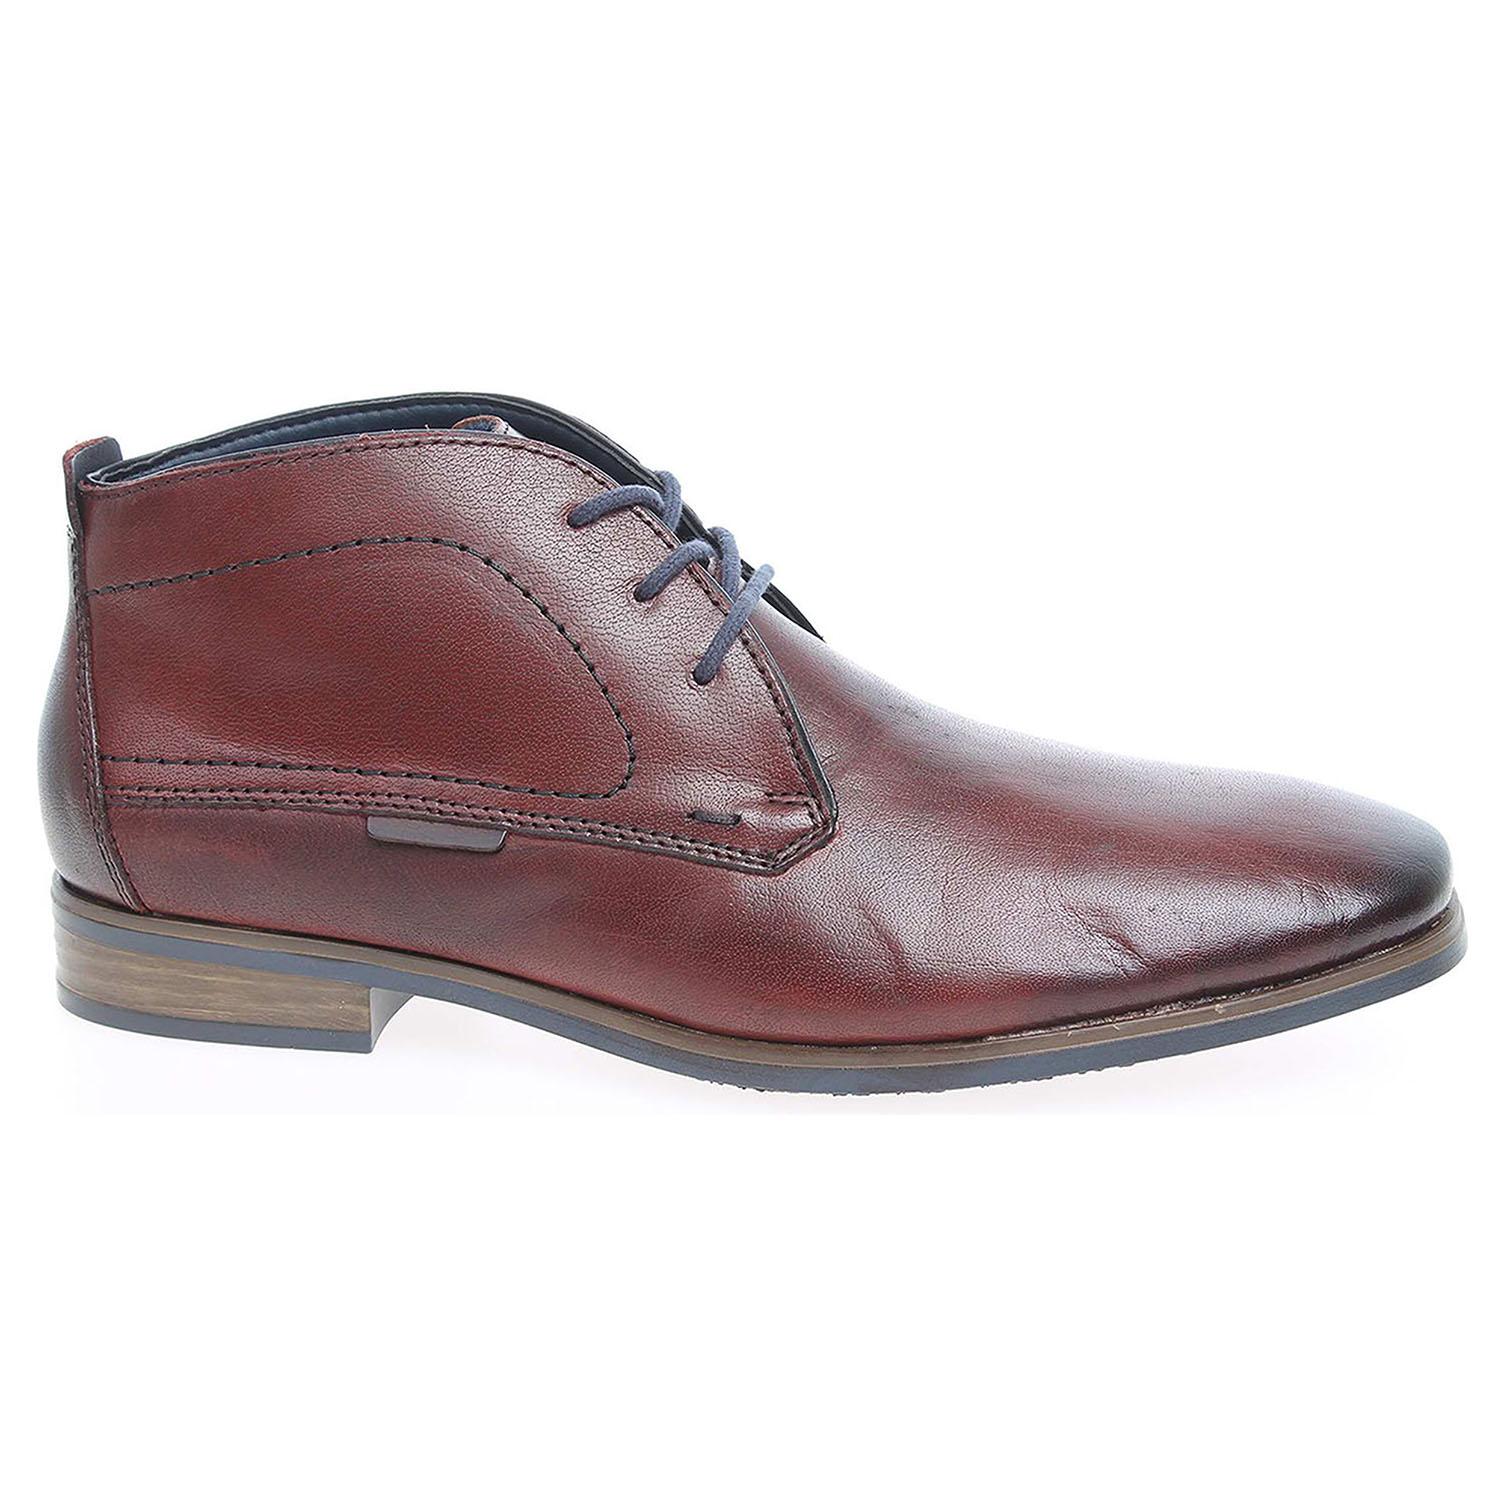 Pánská kotníková obuv Rieker 30612-26 hnědé 46